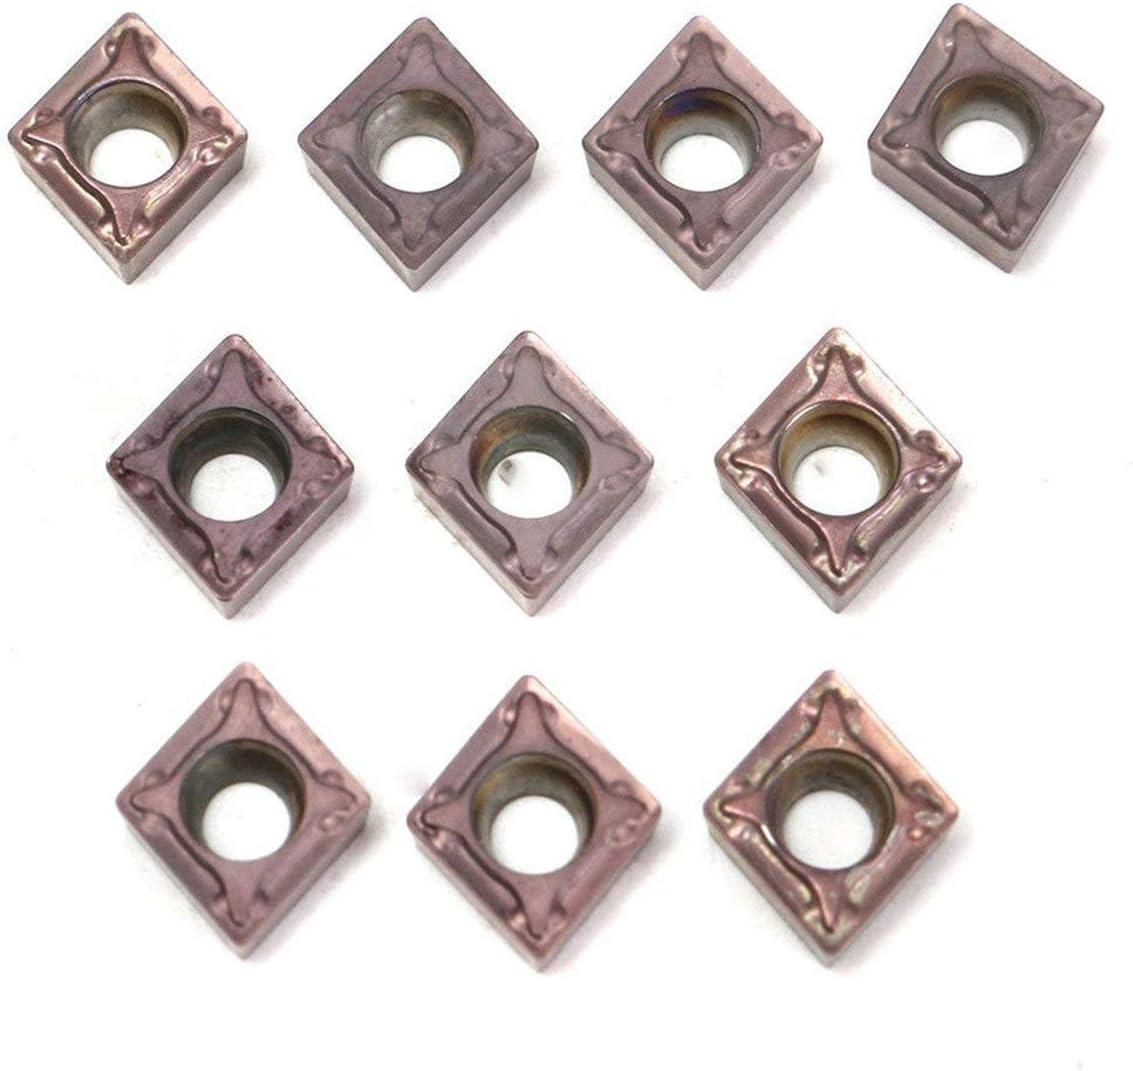 10 stücke Hartmetalleinsätze CCMT060204 CCMT0602 Langlebig Industriell